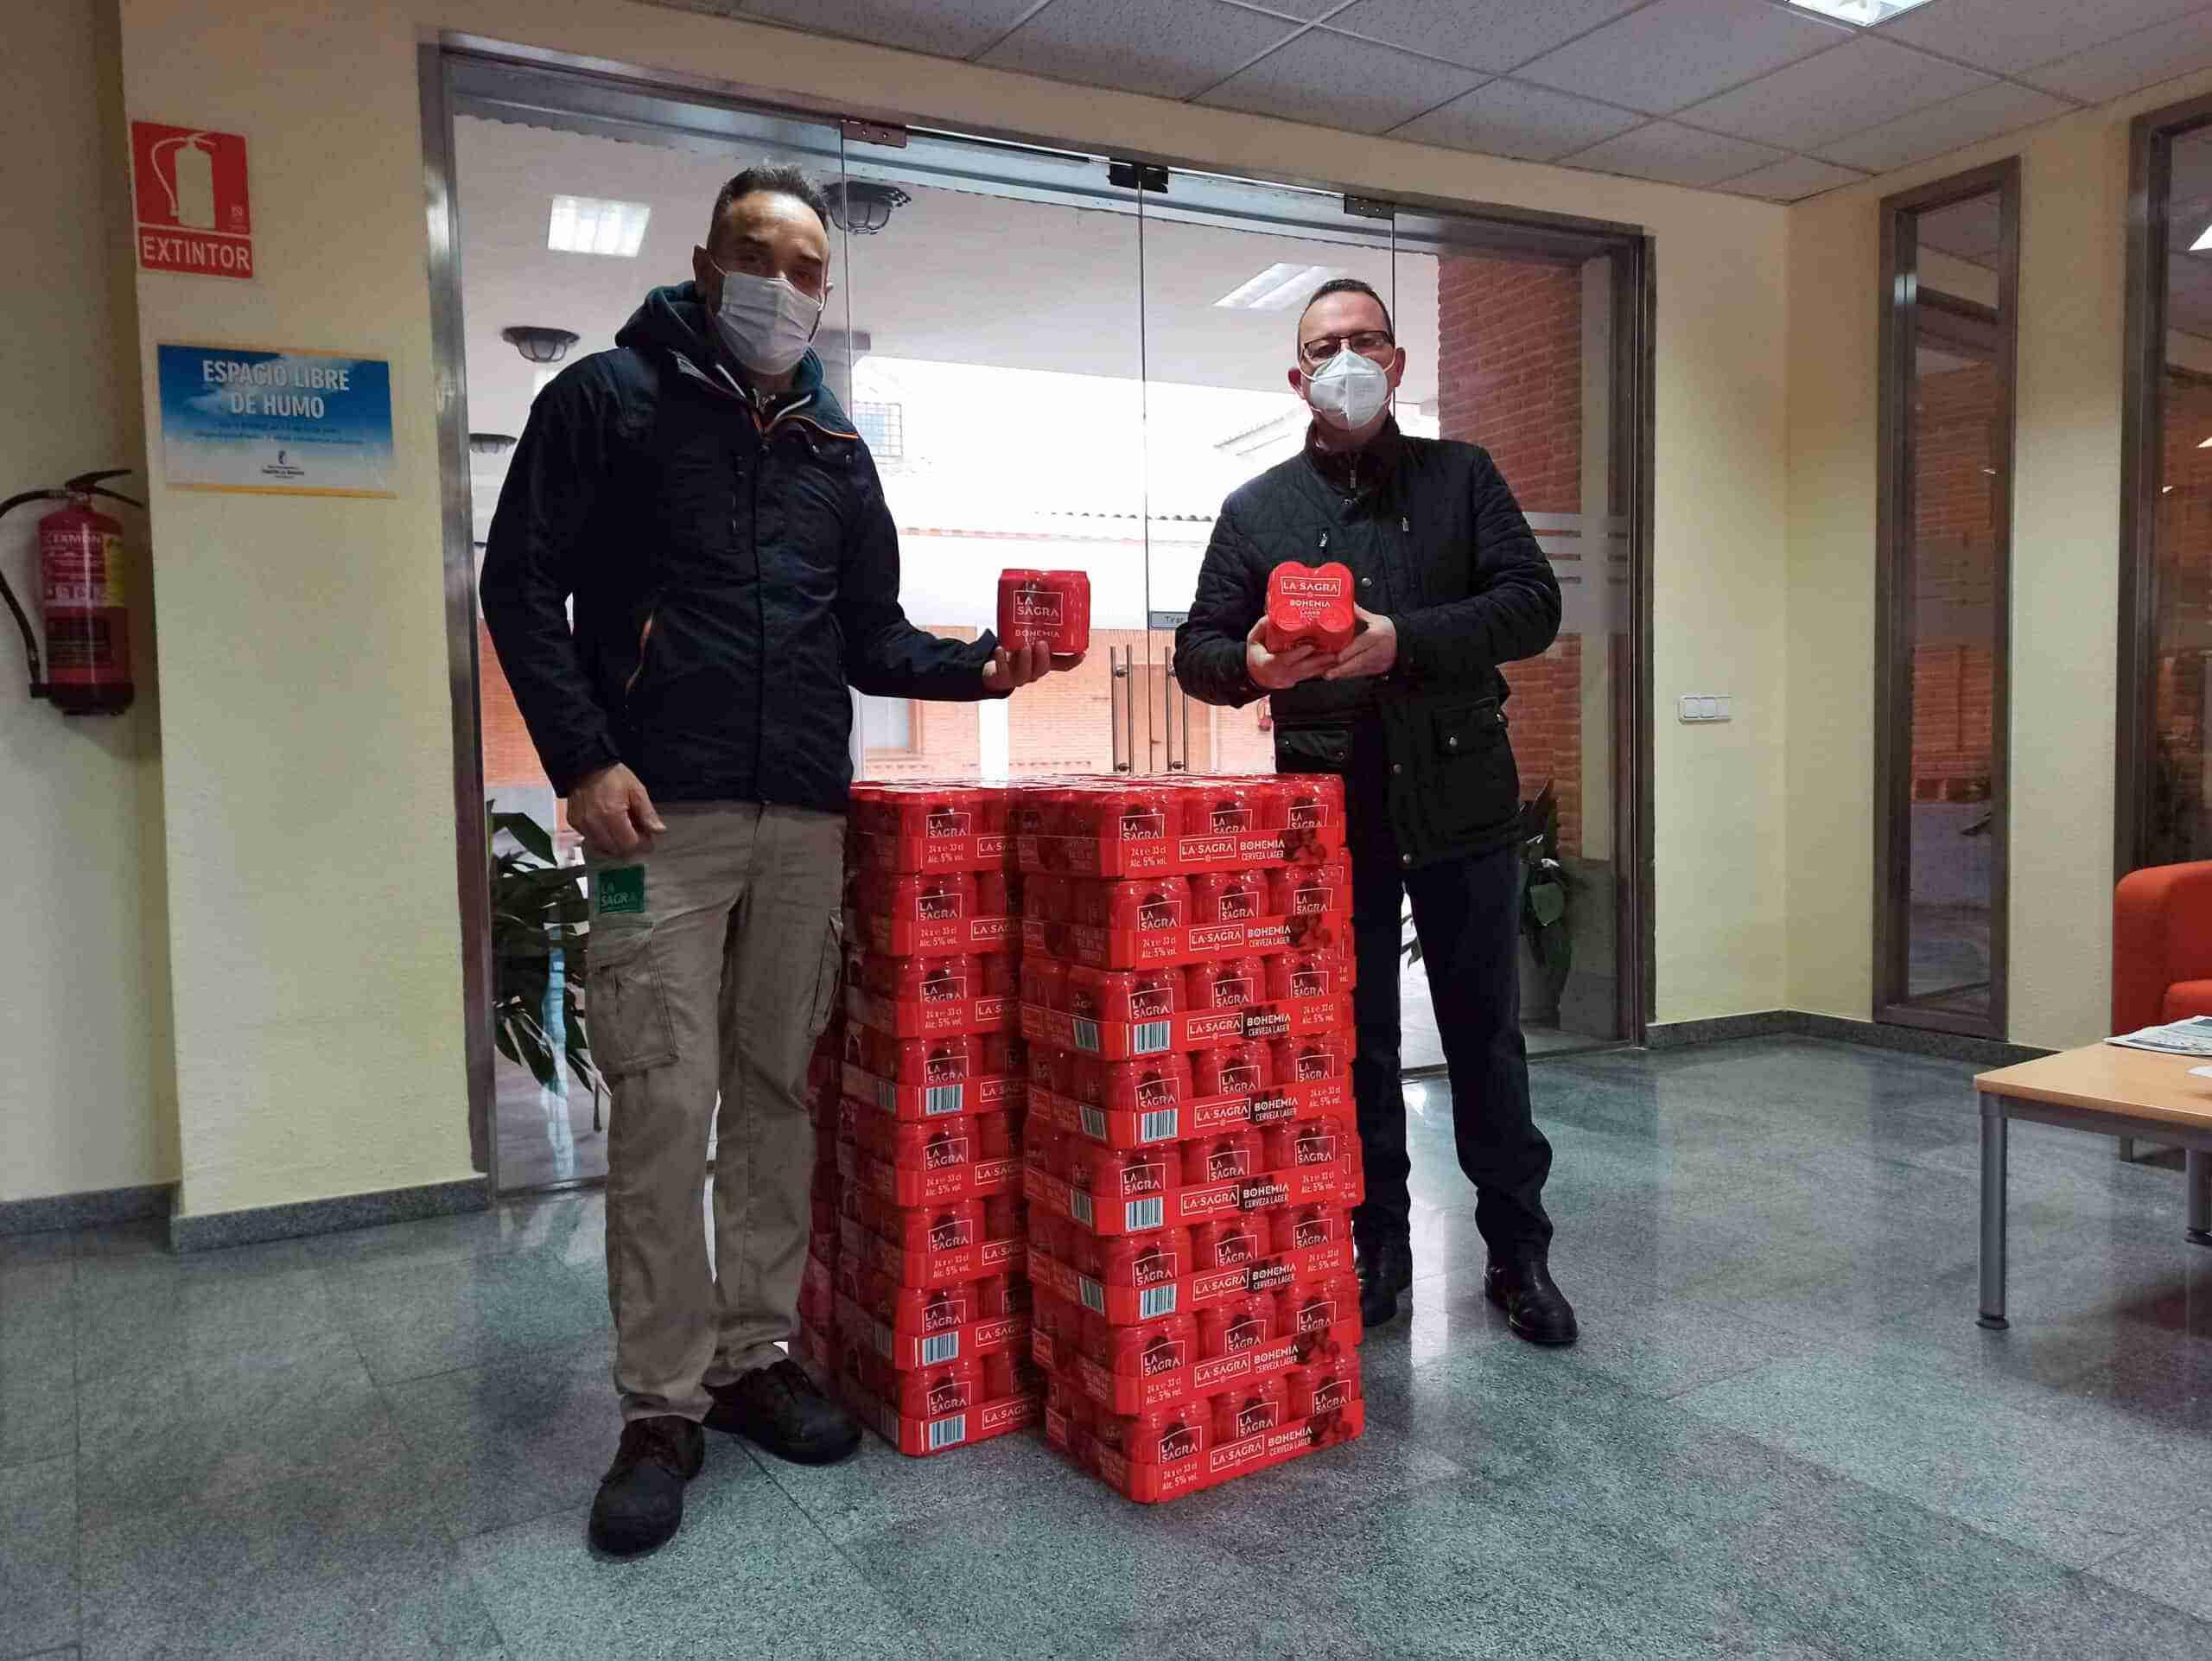 La SAGRA regala cerveza a los trabajadores y voluntarios que han ayudado durante la ola de frío 3